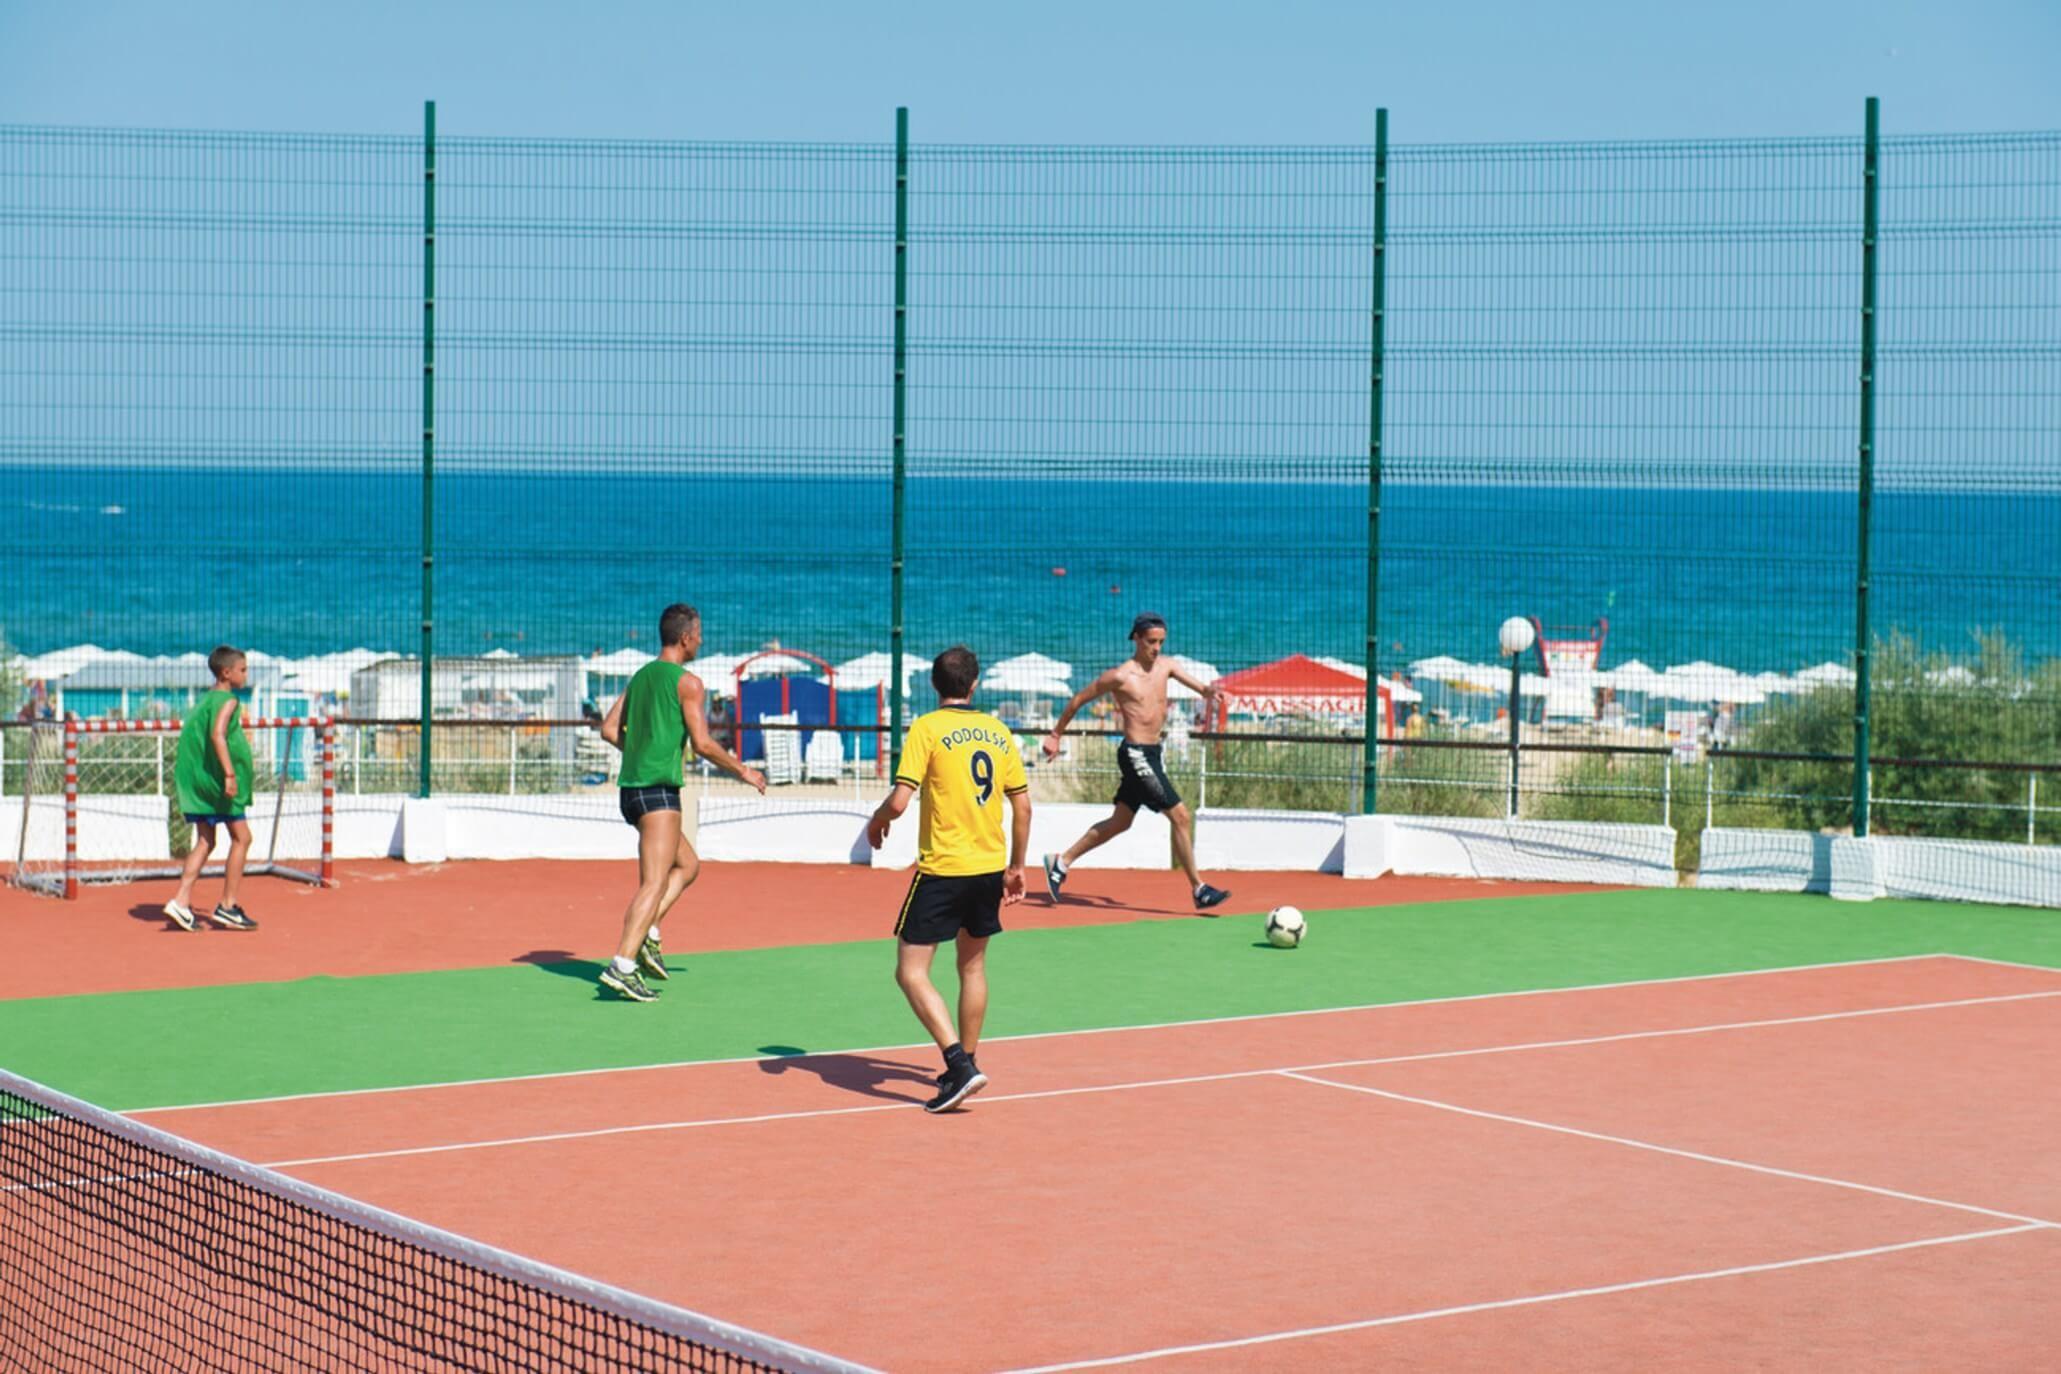 РИУ Хелиос Палас - тенис